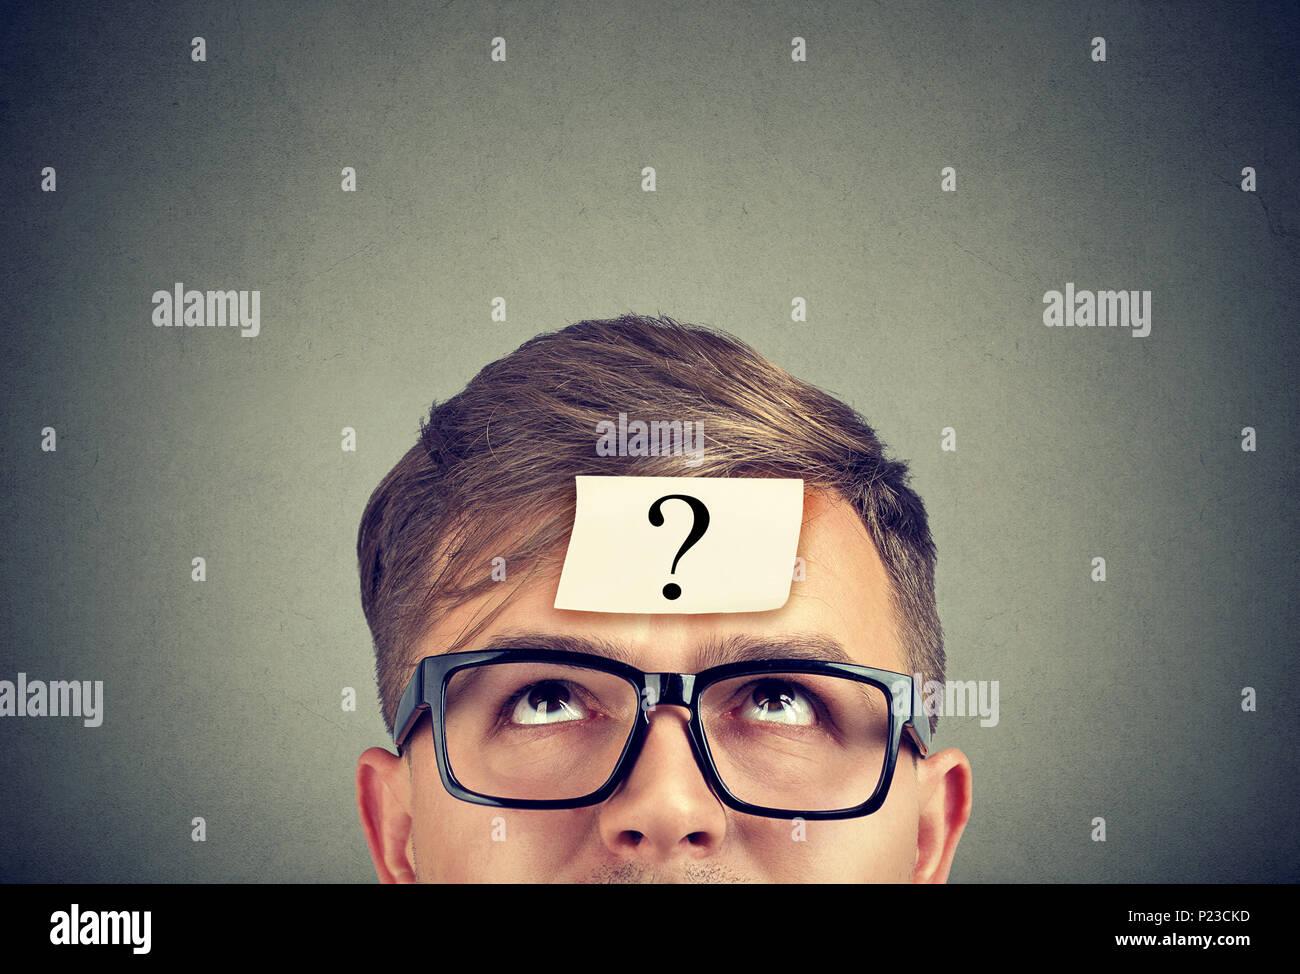 Giovane uomo che indossa gli occhiali neri con un punto interrogativo sul fronte guardando verso l'alto. Immagini Stock